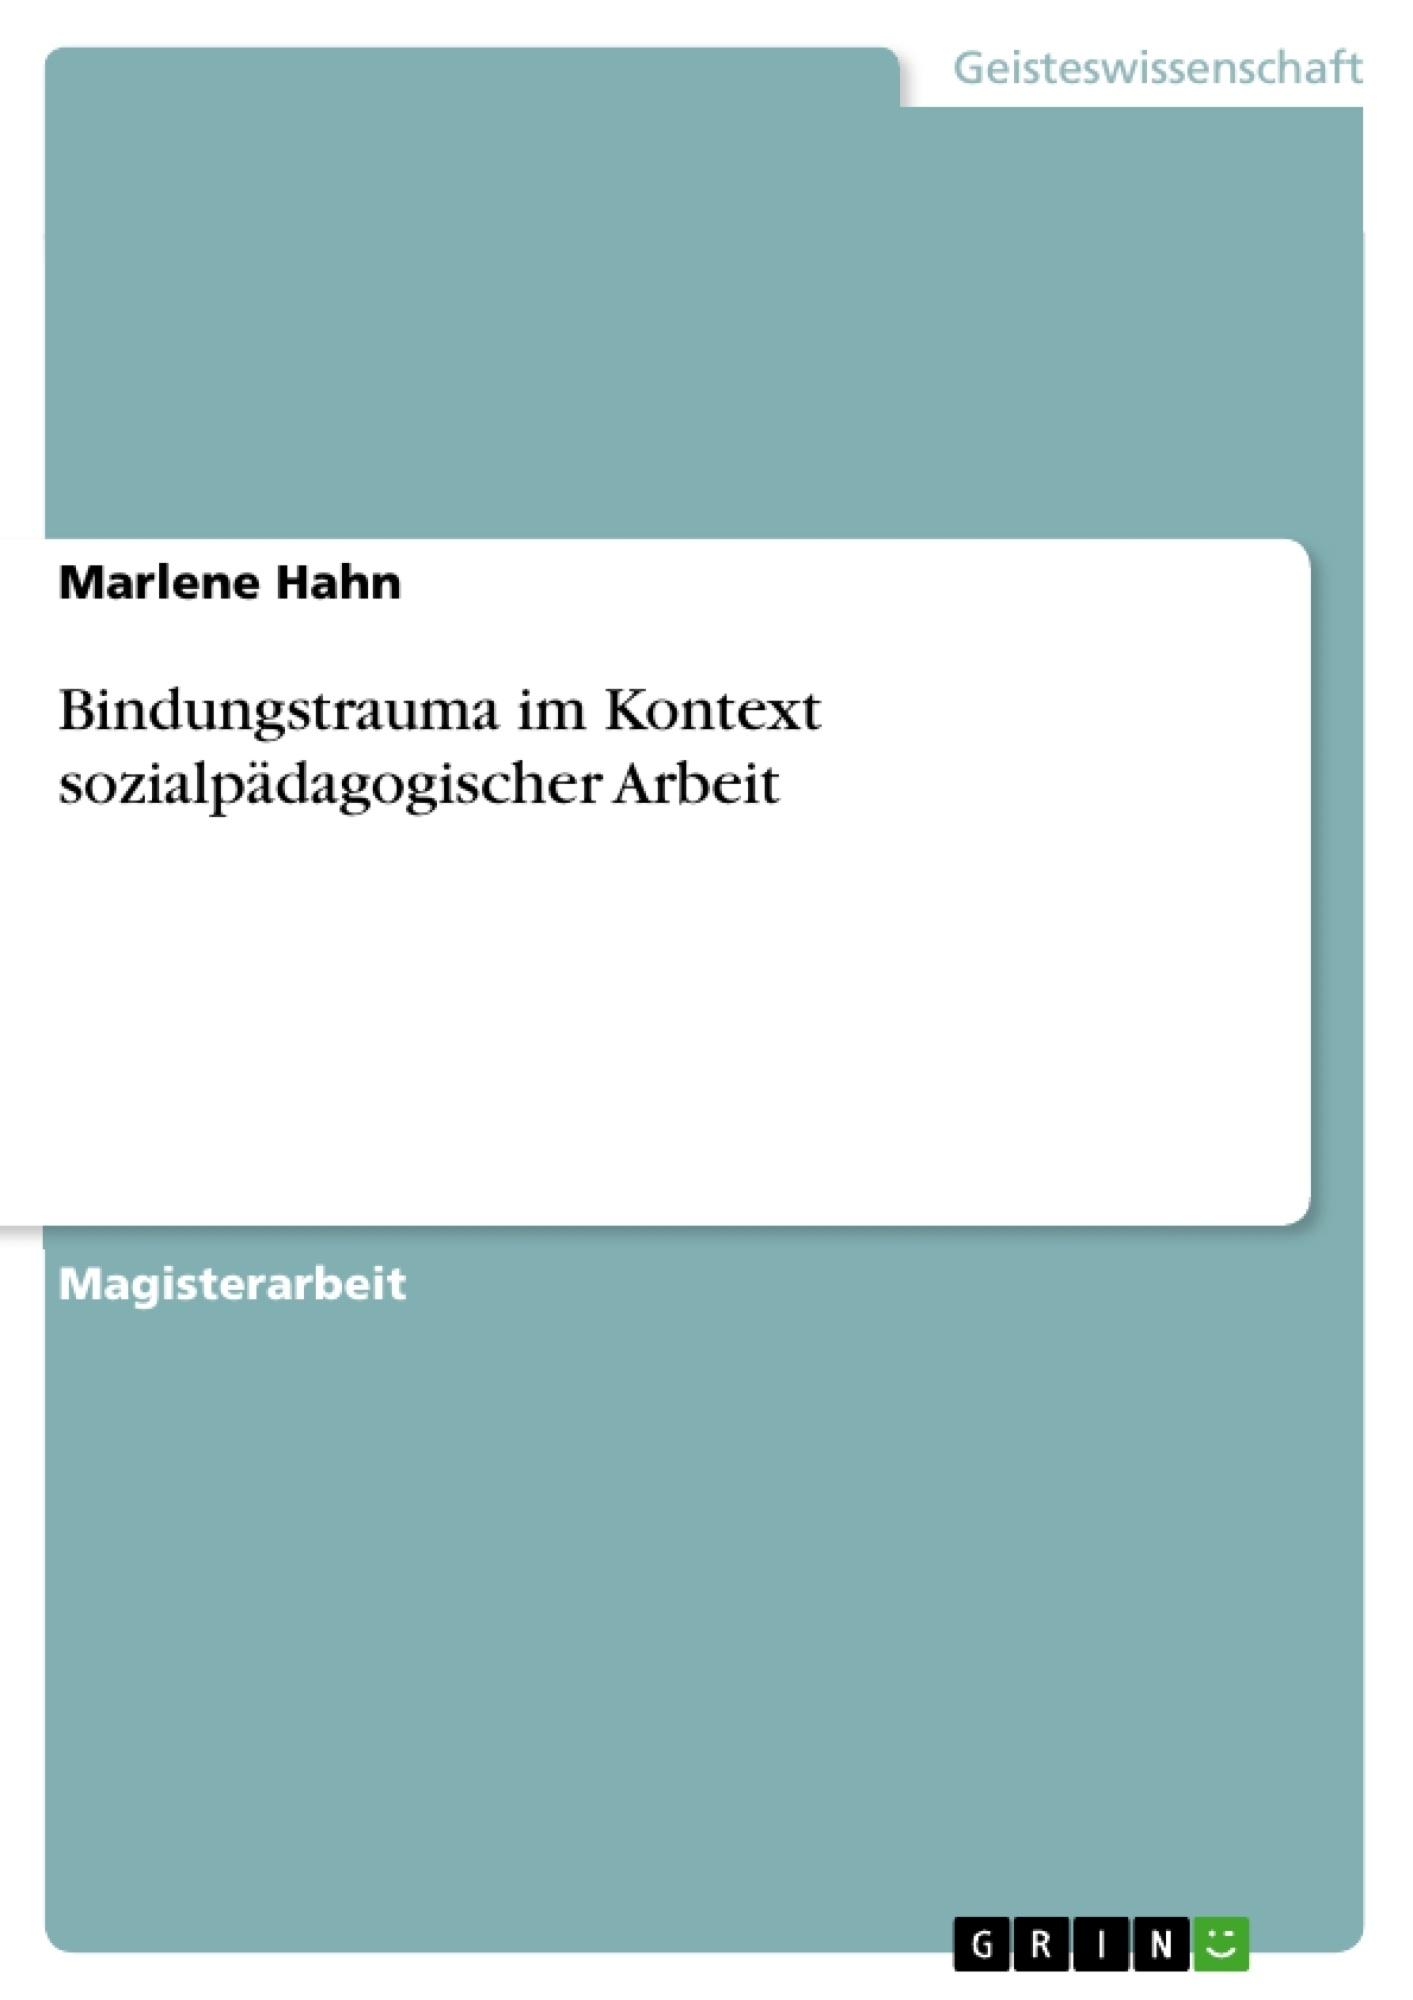 Titel: Bindungstrauma im Kontext sozialpädagogischer Arbeit